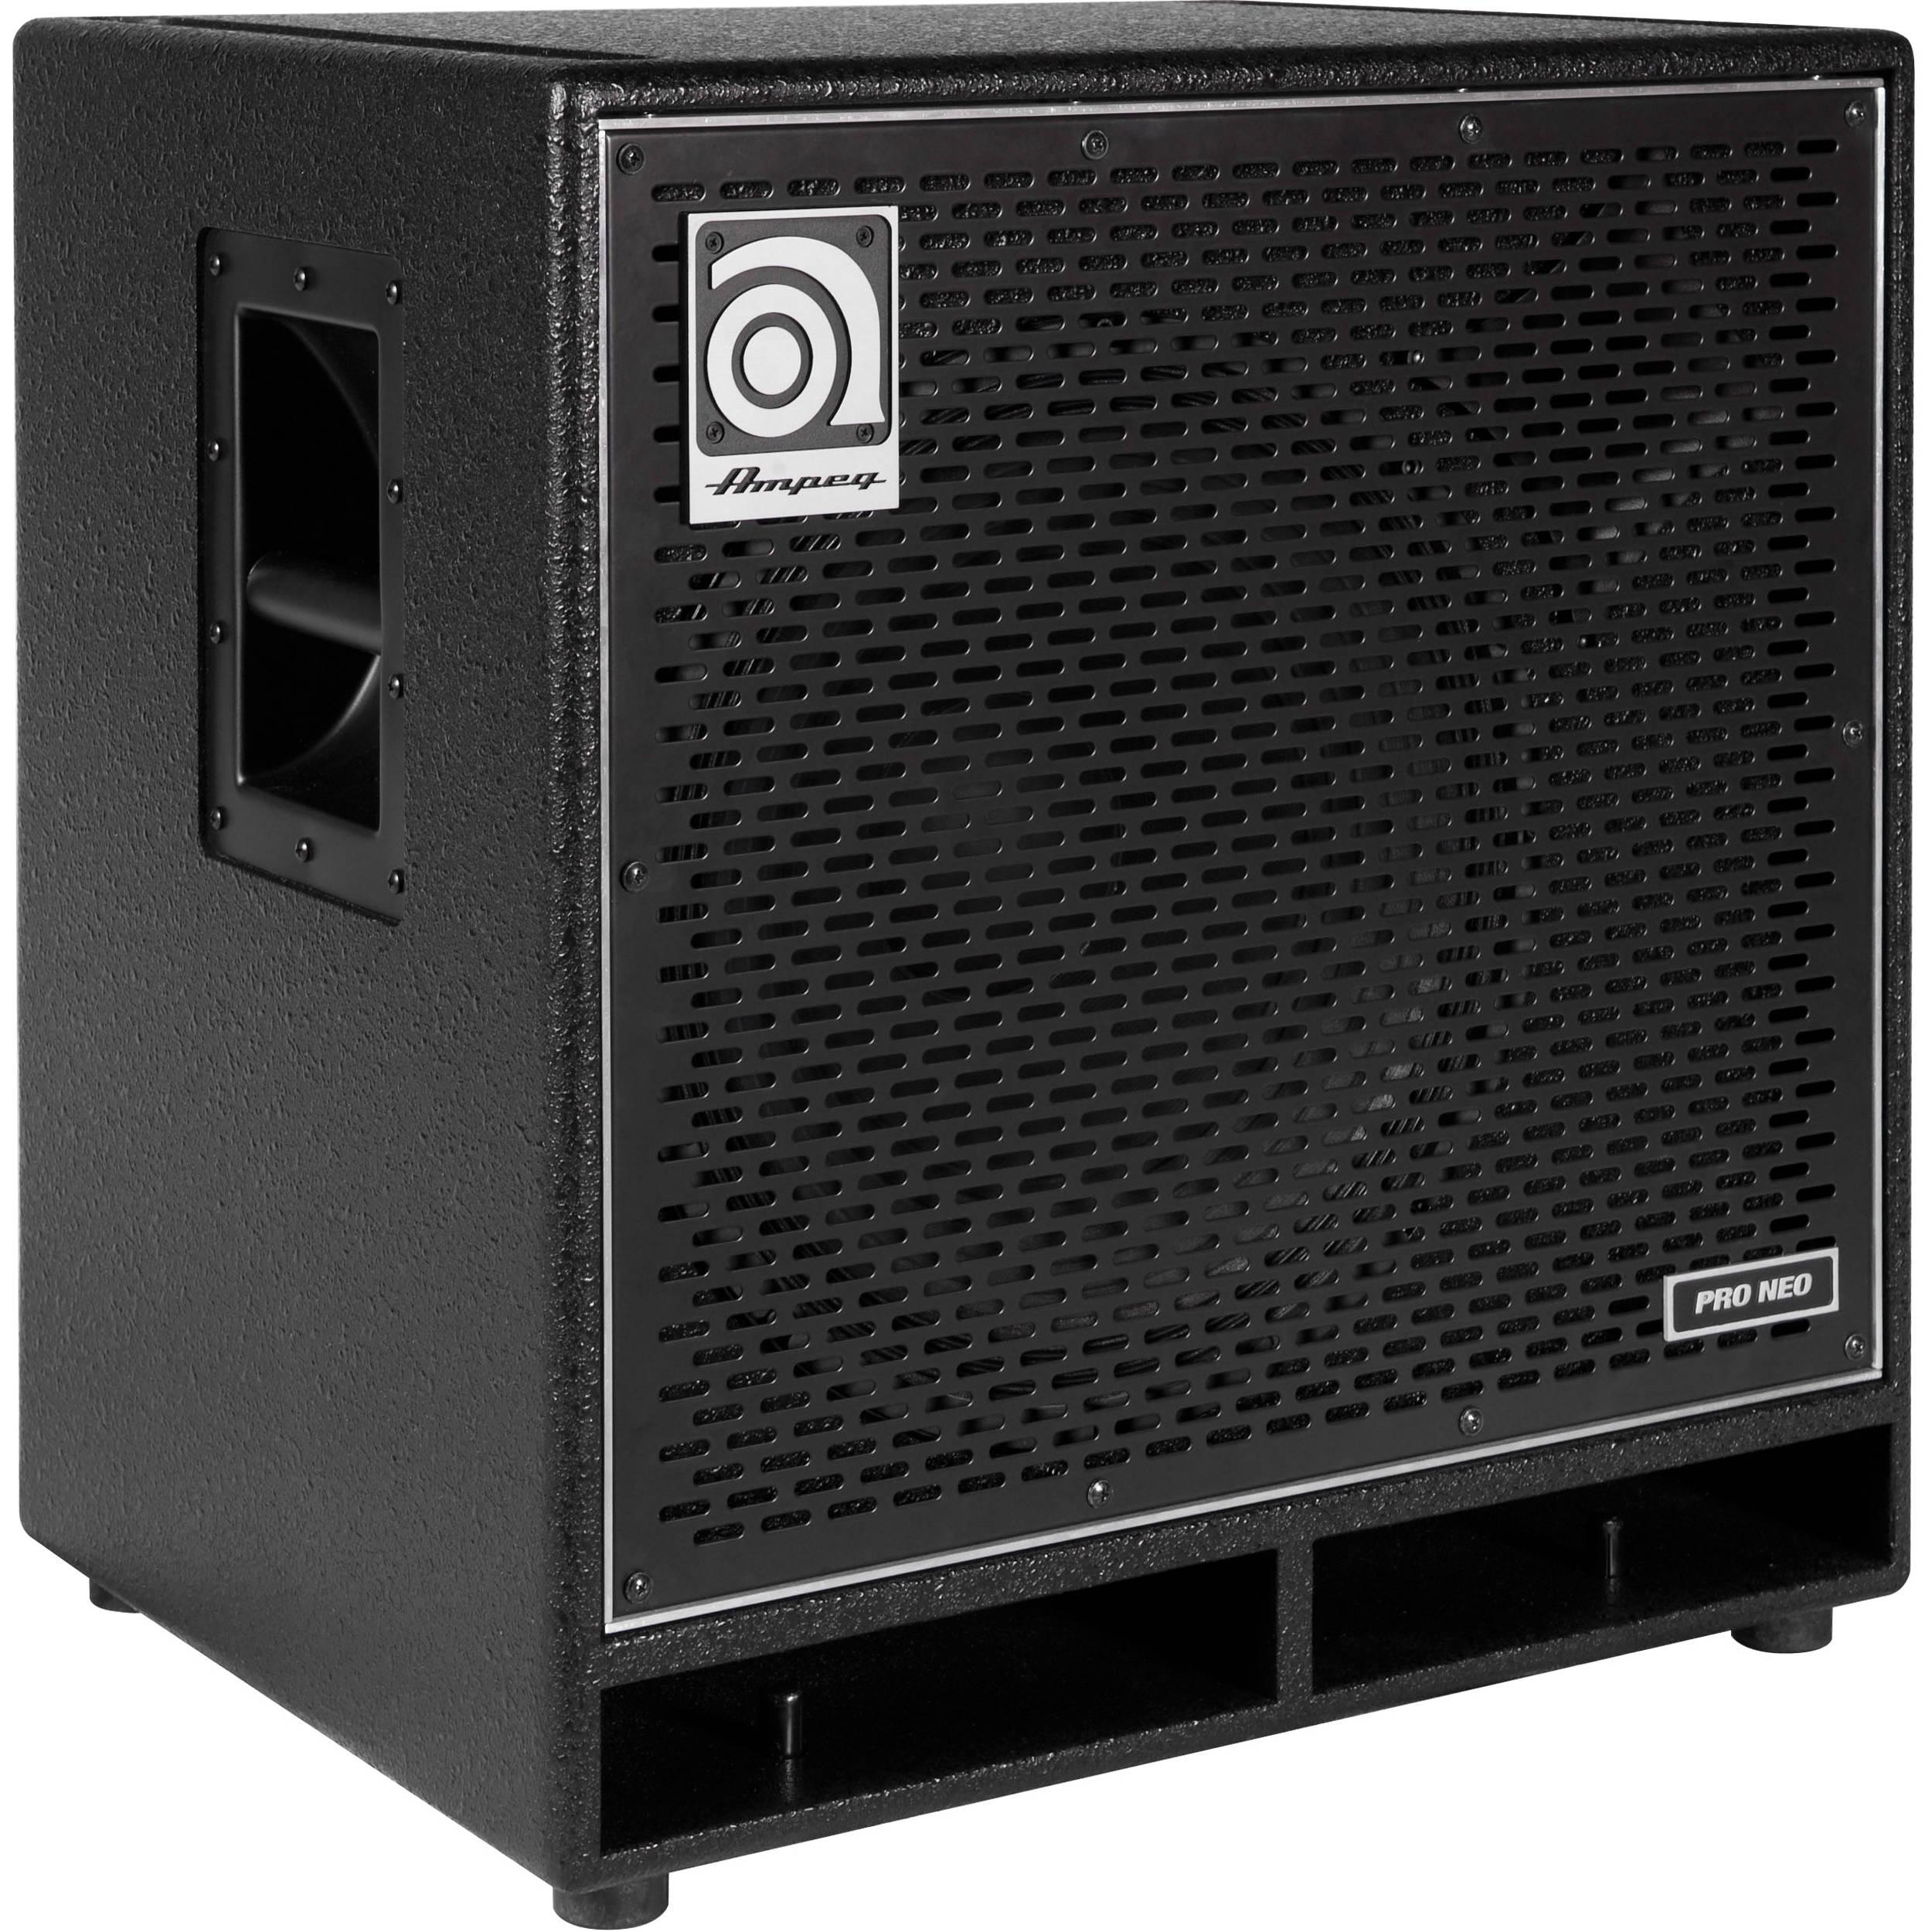 ampeg pro neo pn 115hlf 1x15 575w bass guitar cabinet pn 115hlf. Black Bedroom Furniture Sets. Home Design Ideas